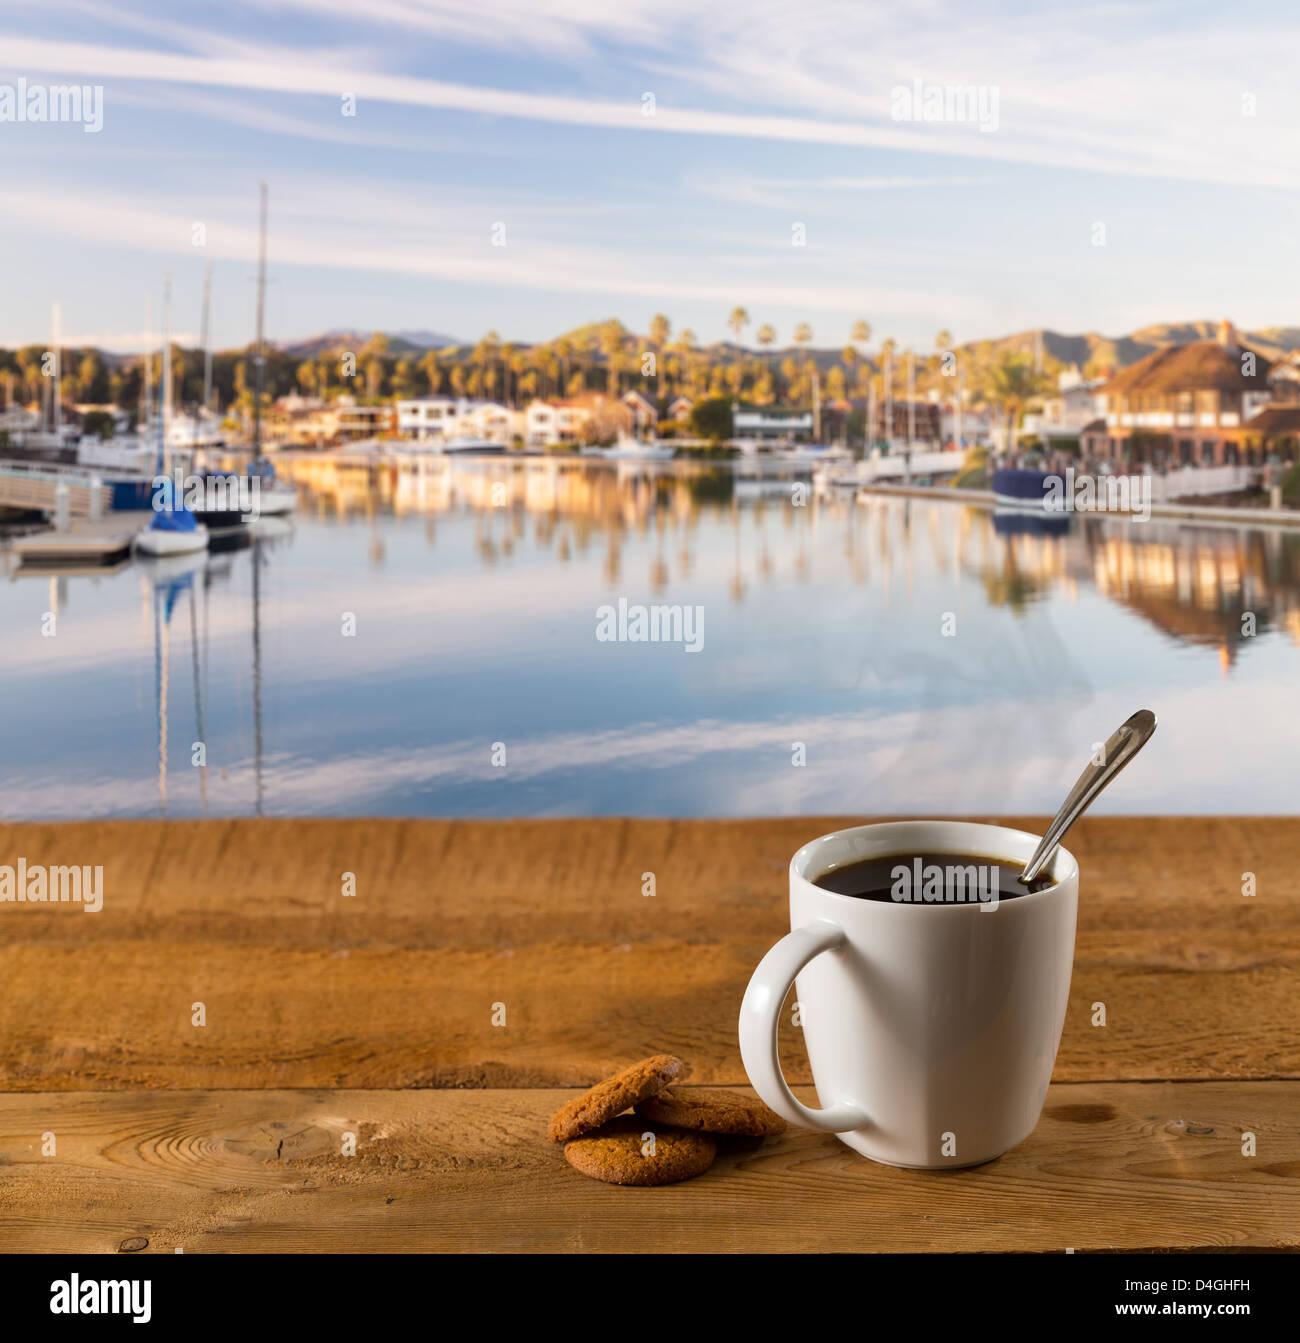 Kaffee und Gebäck auf einem hölzernen Tisch draußen Stockbild